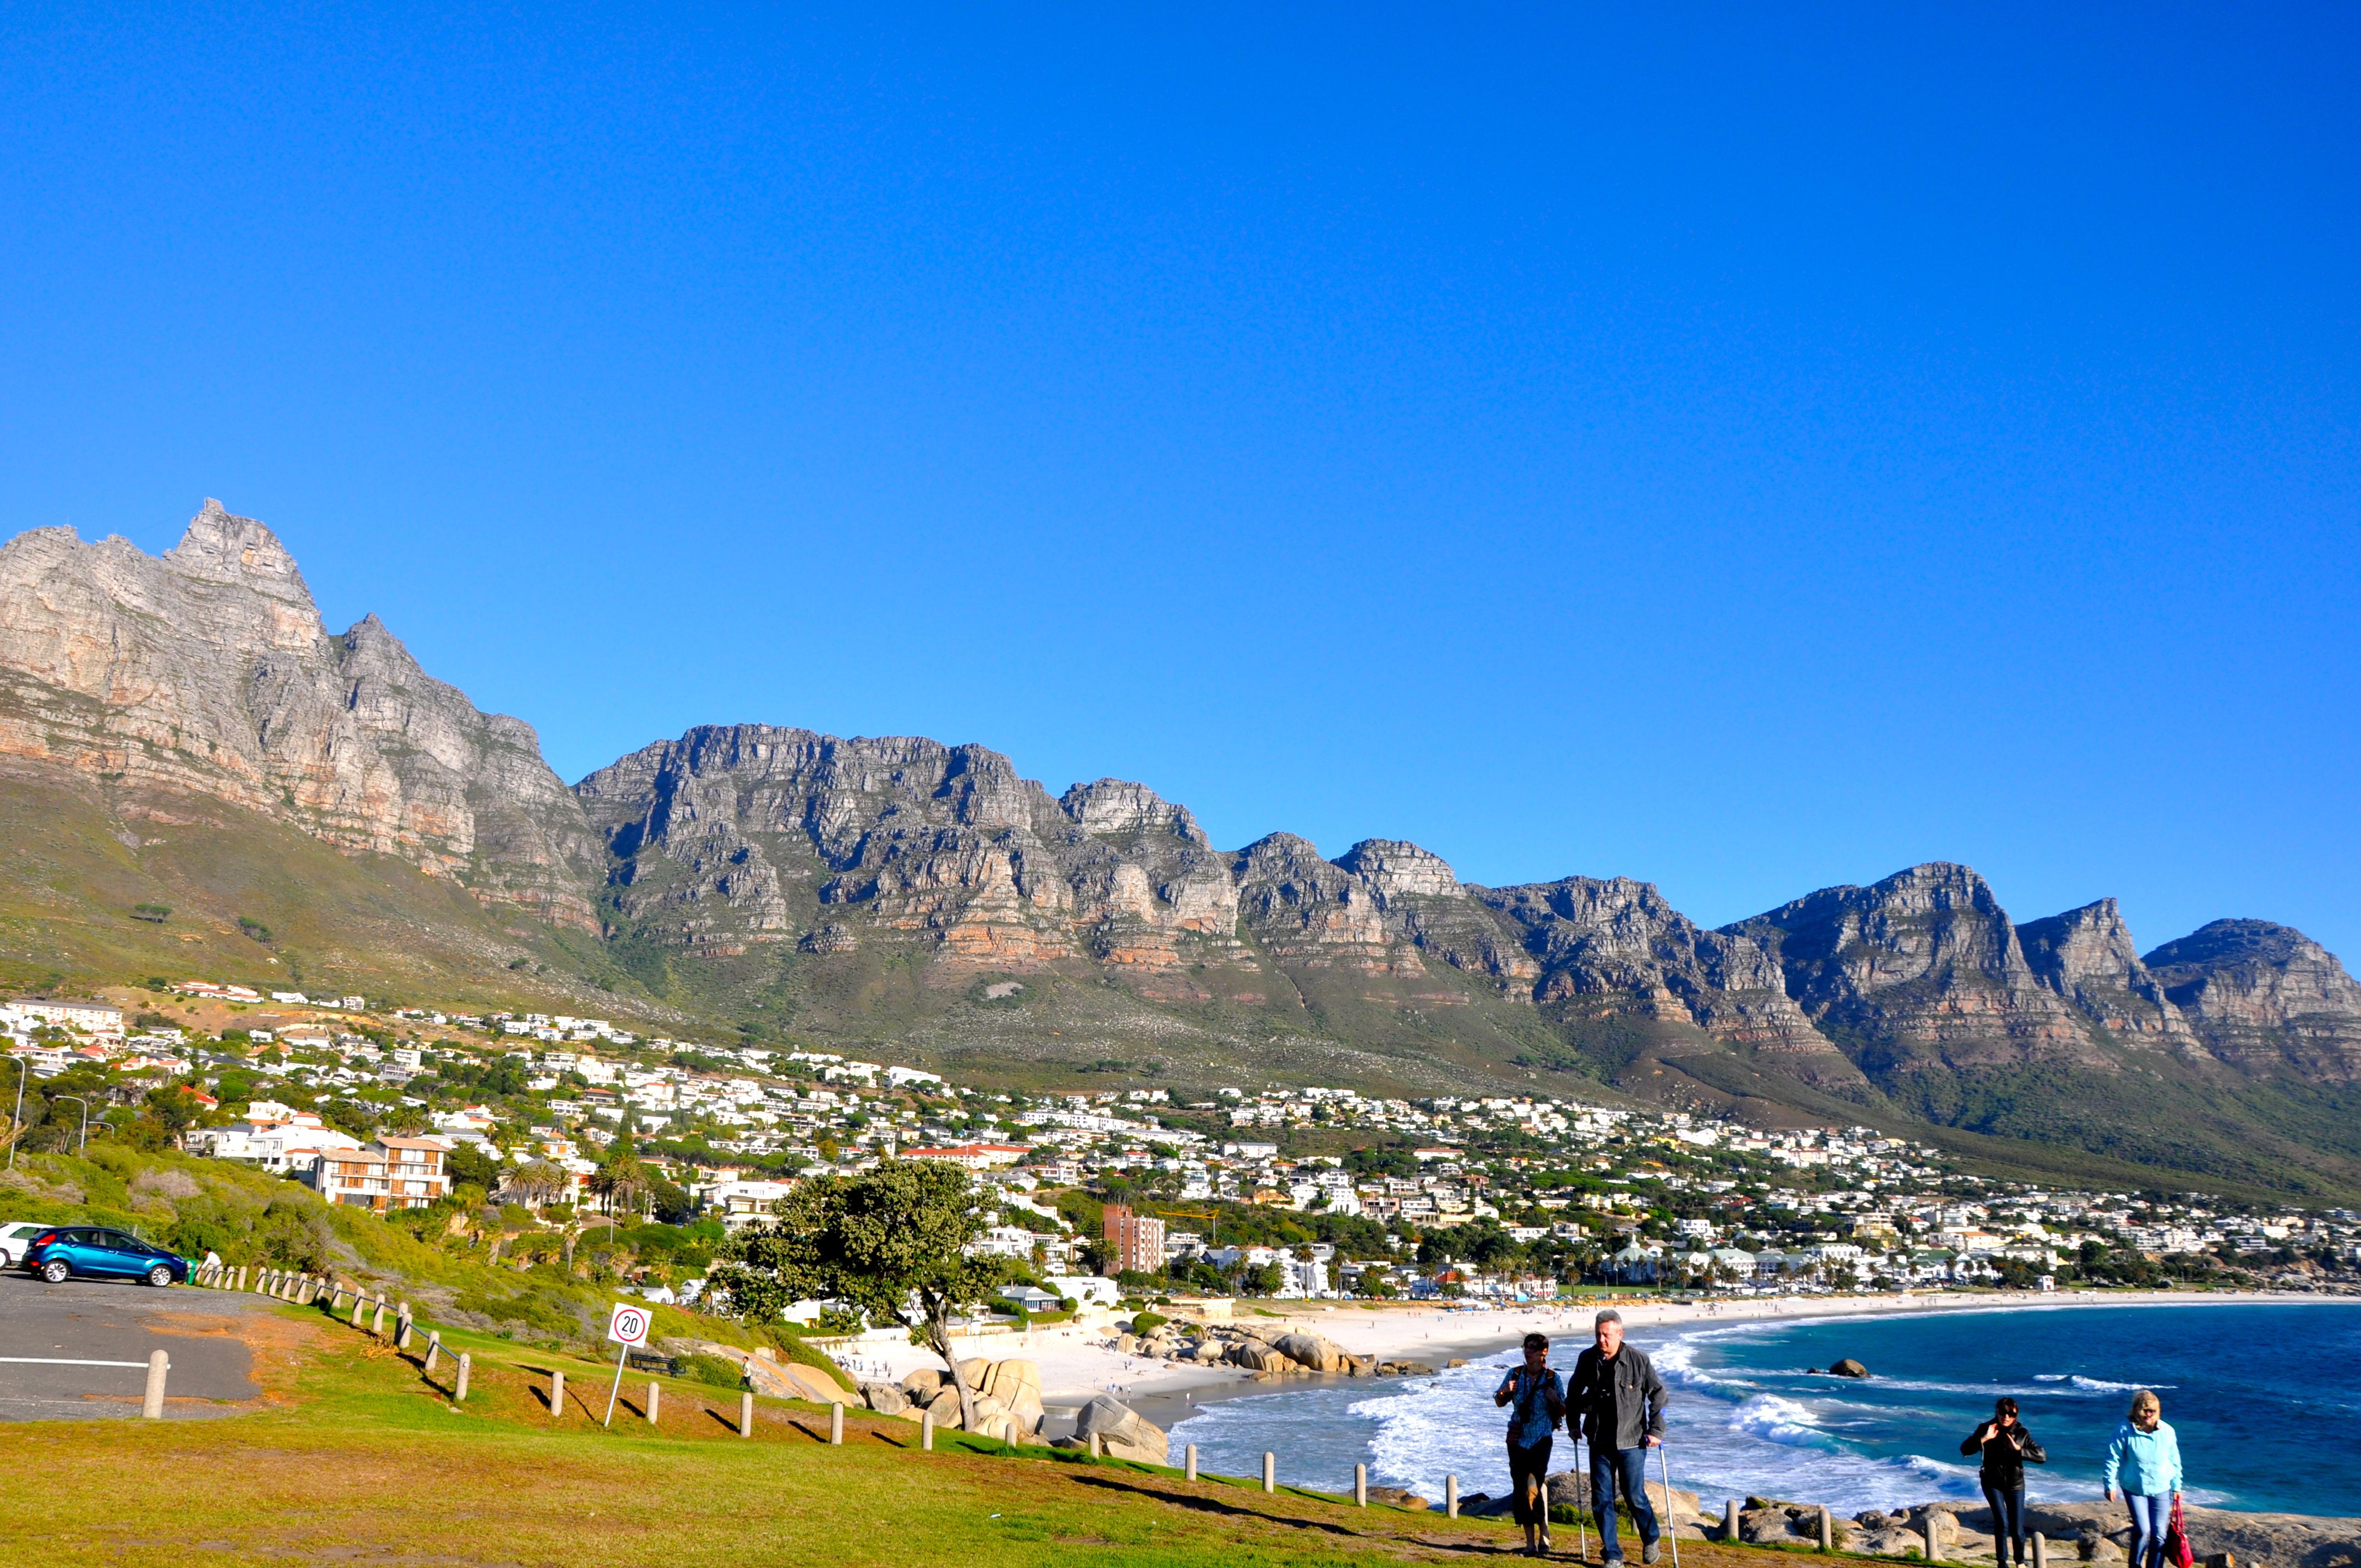 Hout Bay e Camps Bay, lugares que encantam em Cape Town